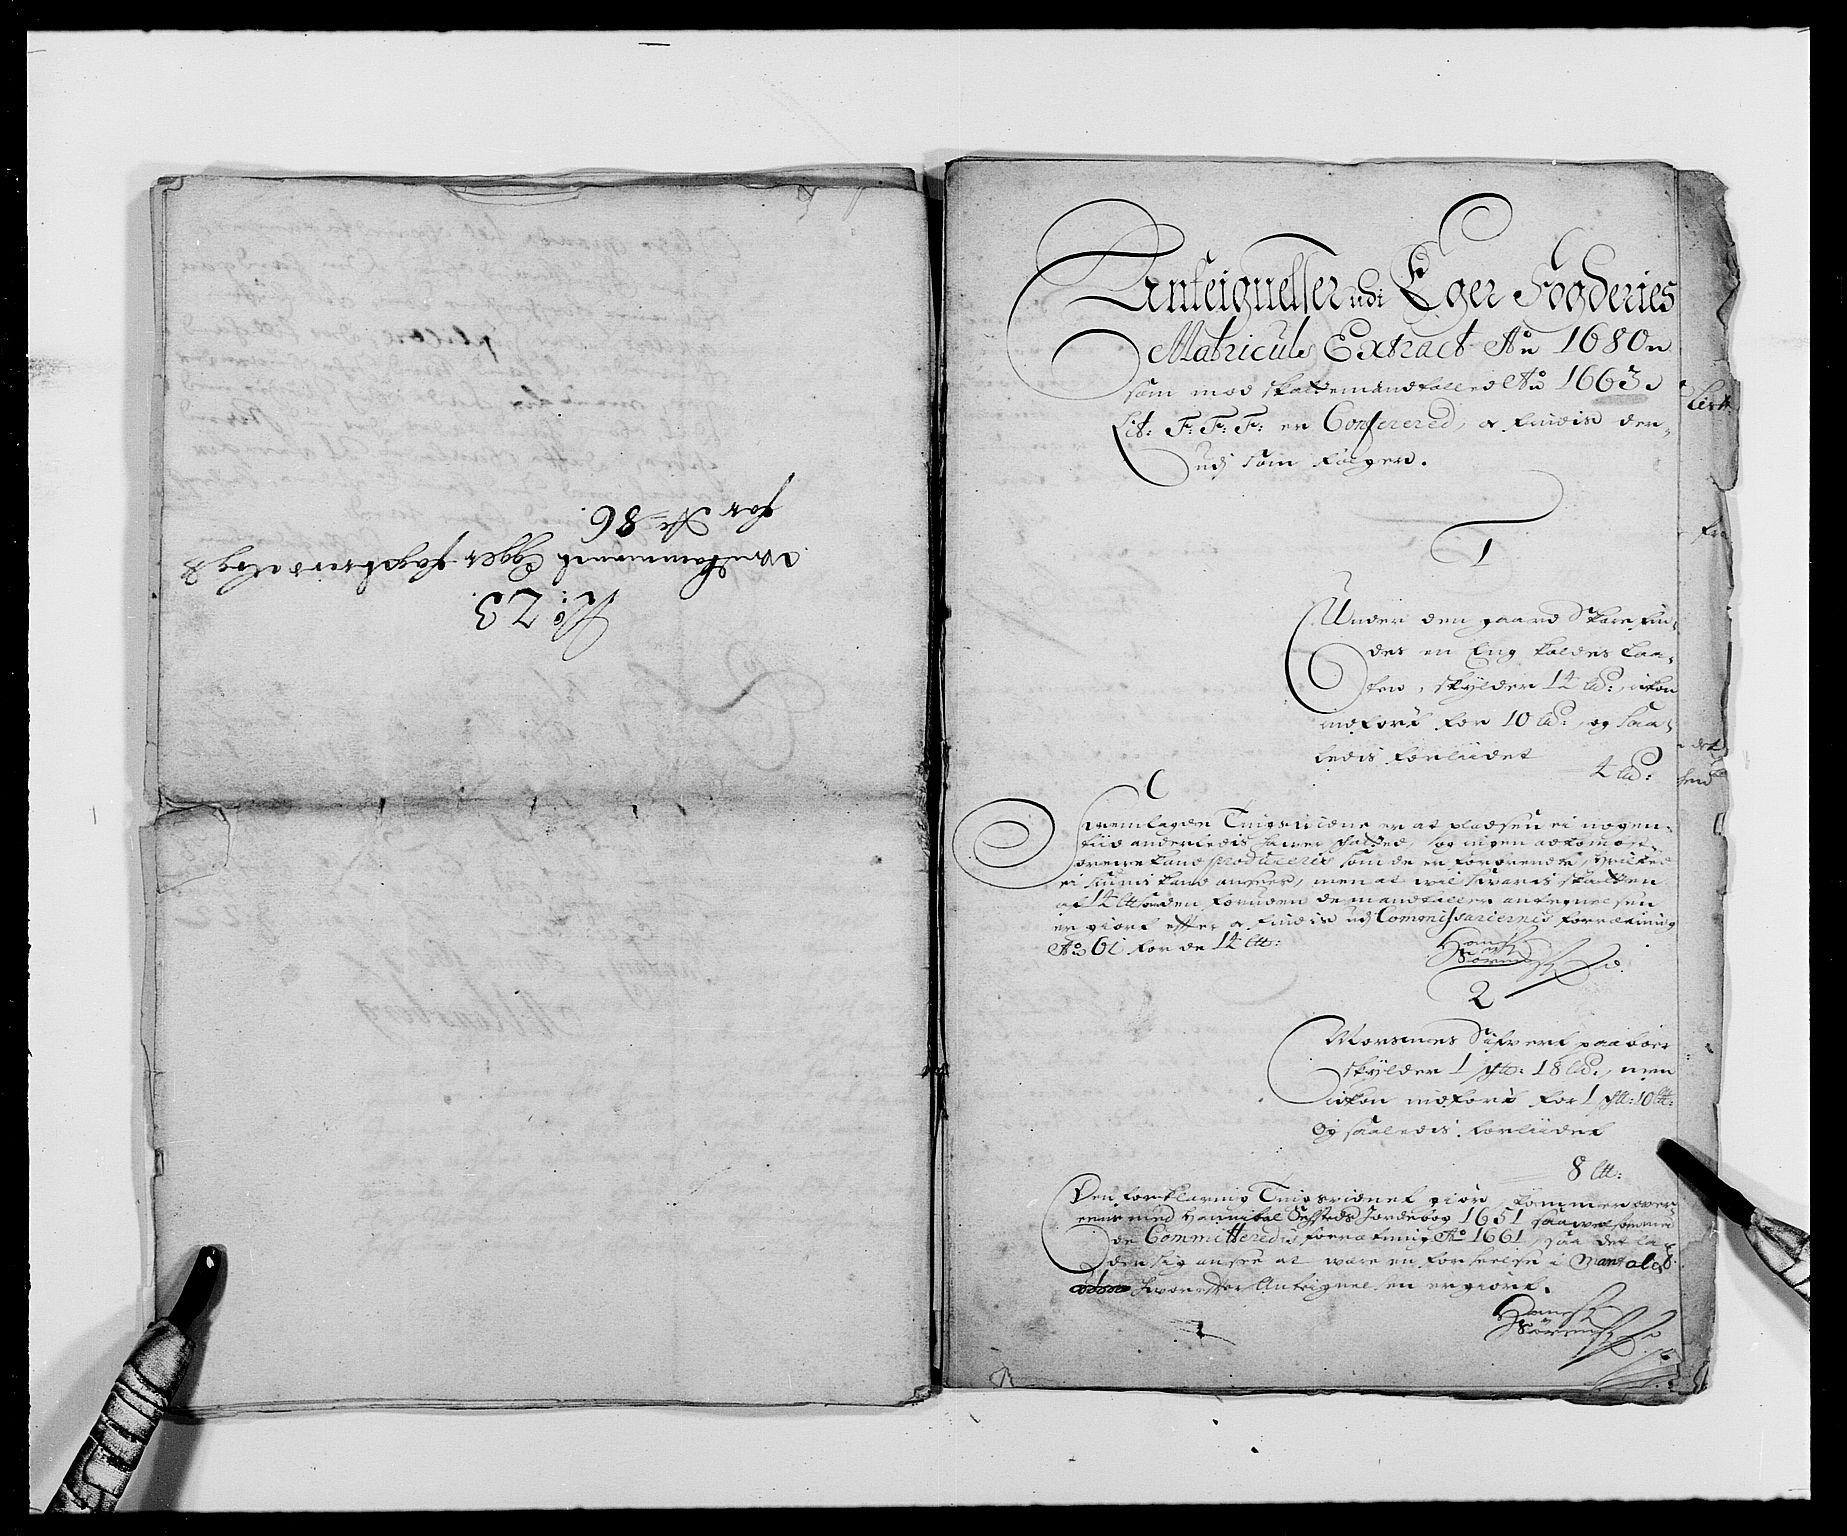 RA, Rentekammeret inntil 1814, Reviderte regnskaper, Fogderegnskap, R26/L1685: Fogderegnskap Eiker, 1679-1686, s. 304